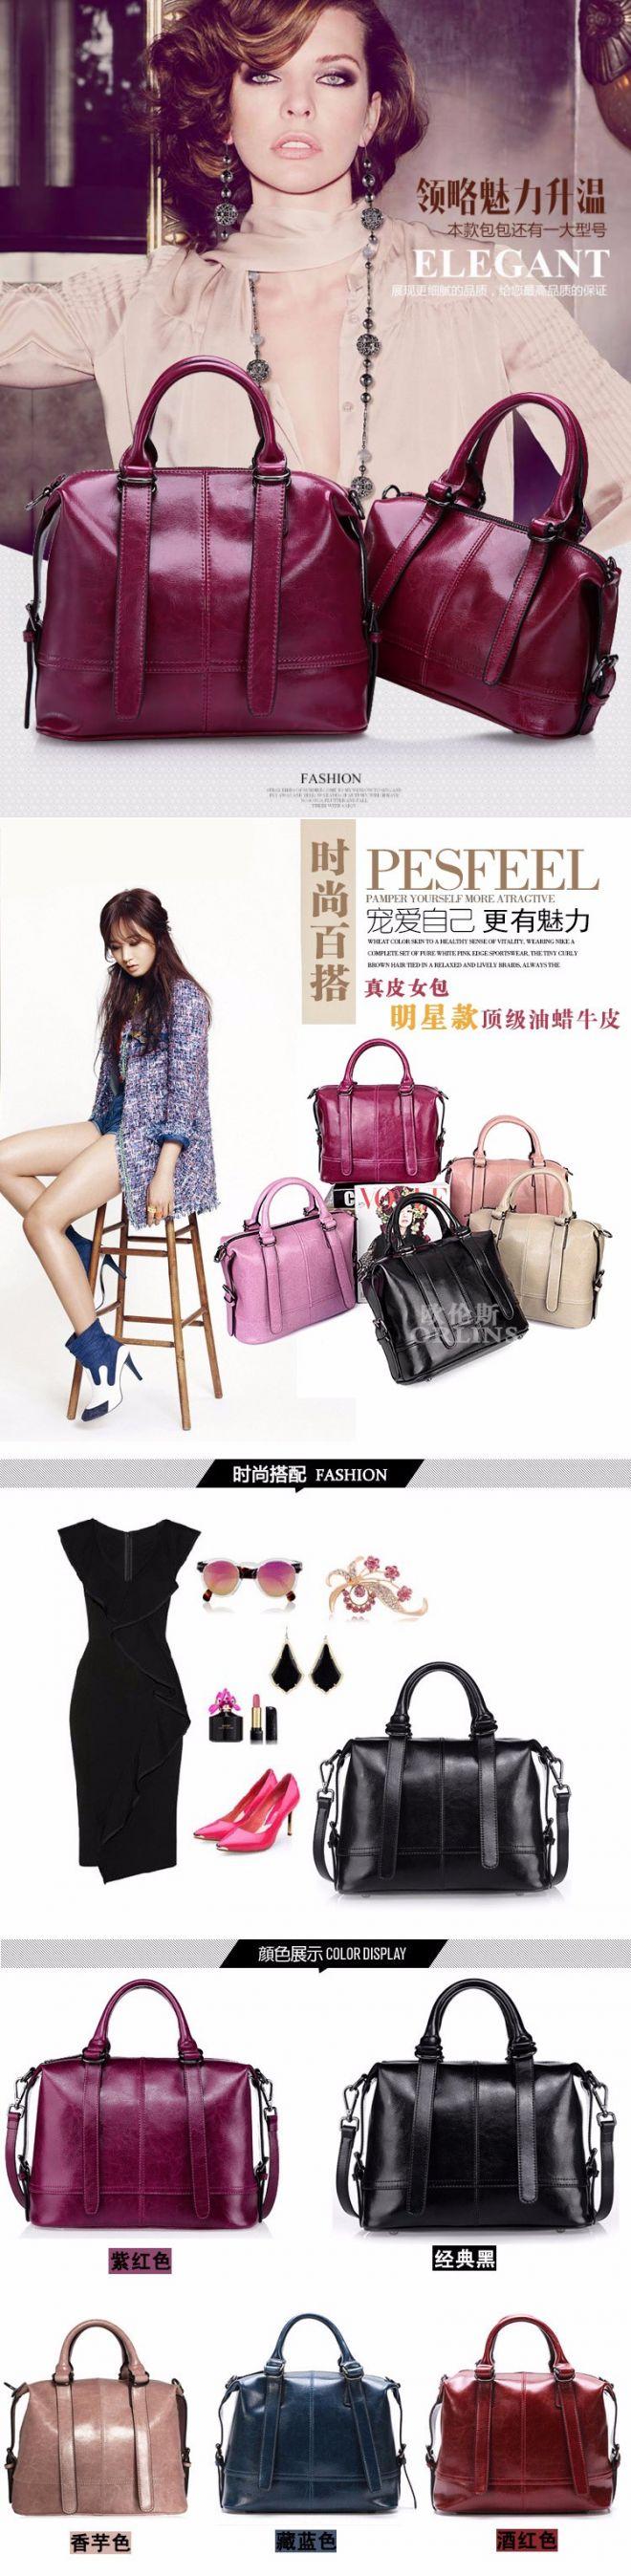 роскошные сумки на ремне Bolsas Femininas известный бренд